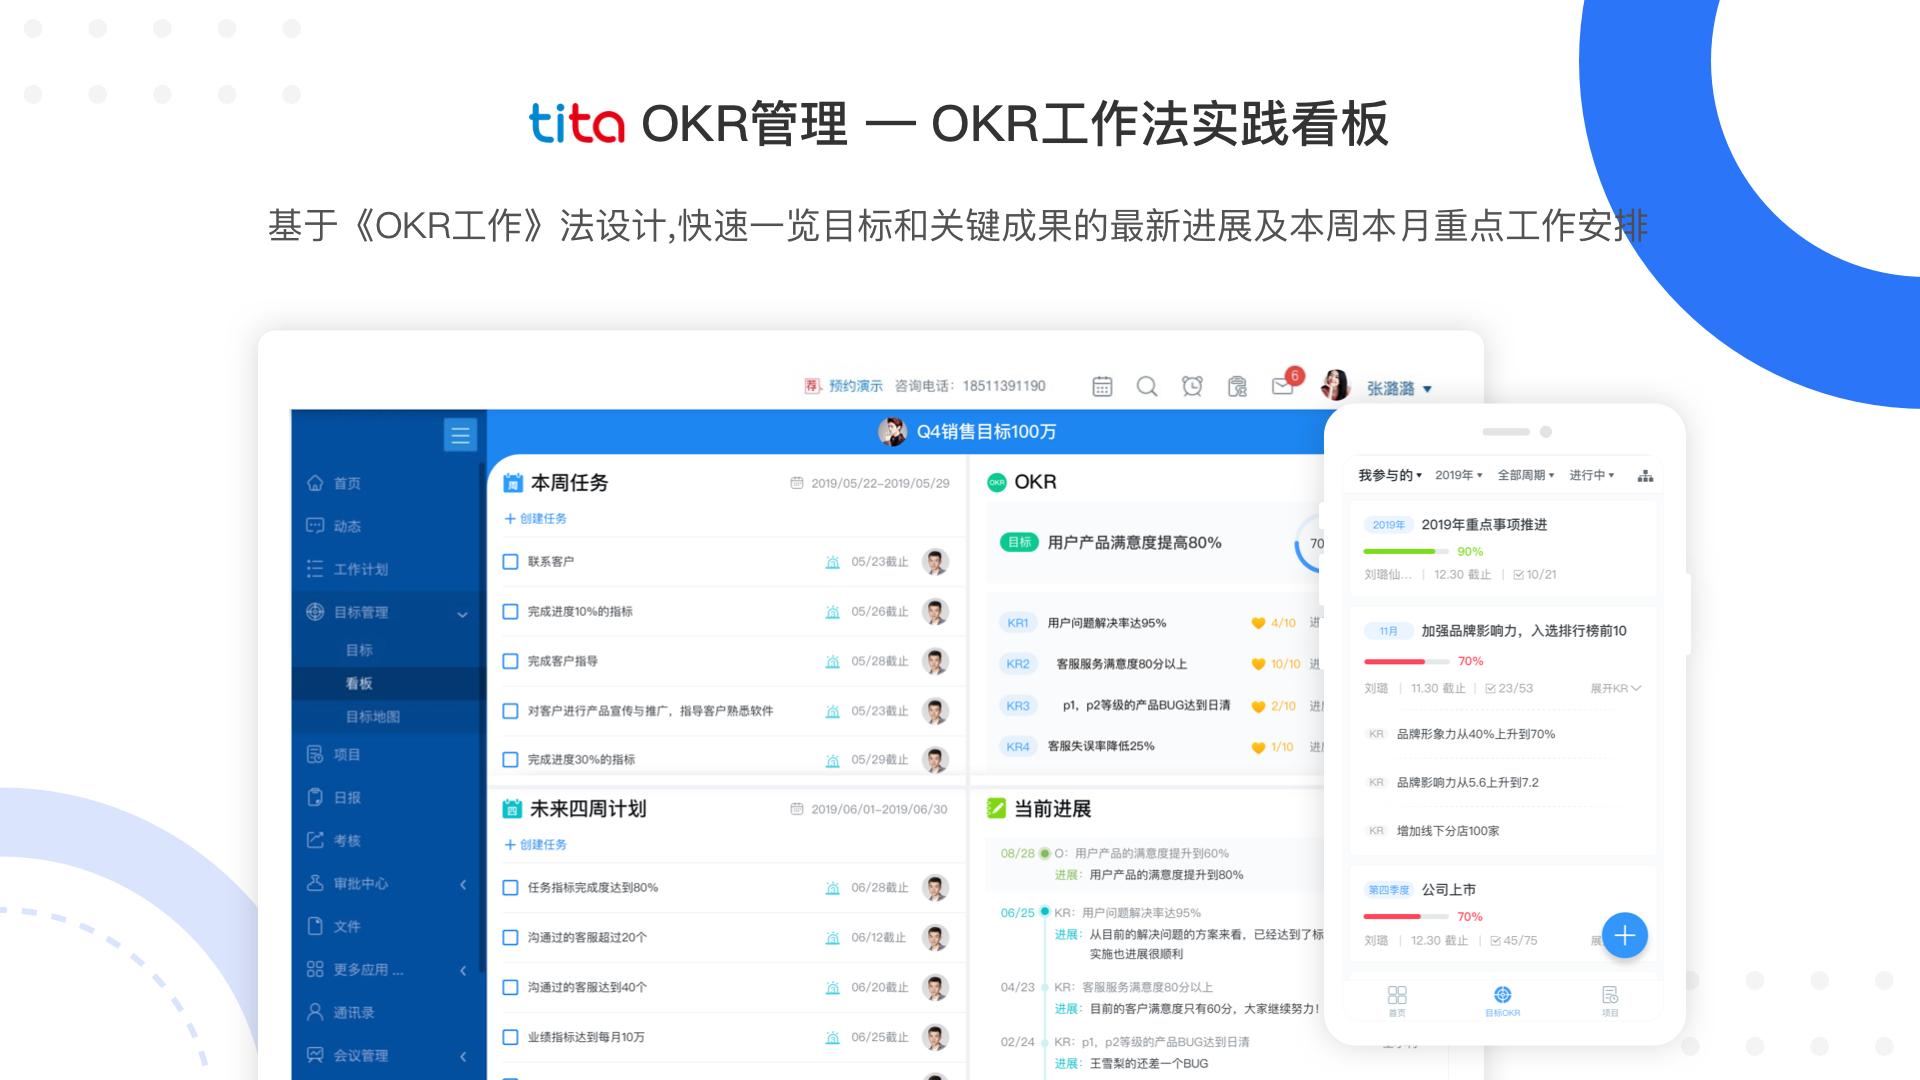 钉钉应用商店 | 《Tita OKR和项目管理》 应用发布 🌟🌟🌟🌟🌟